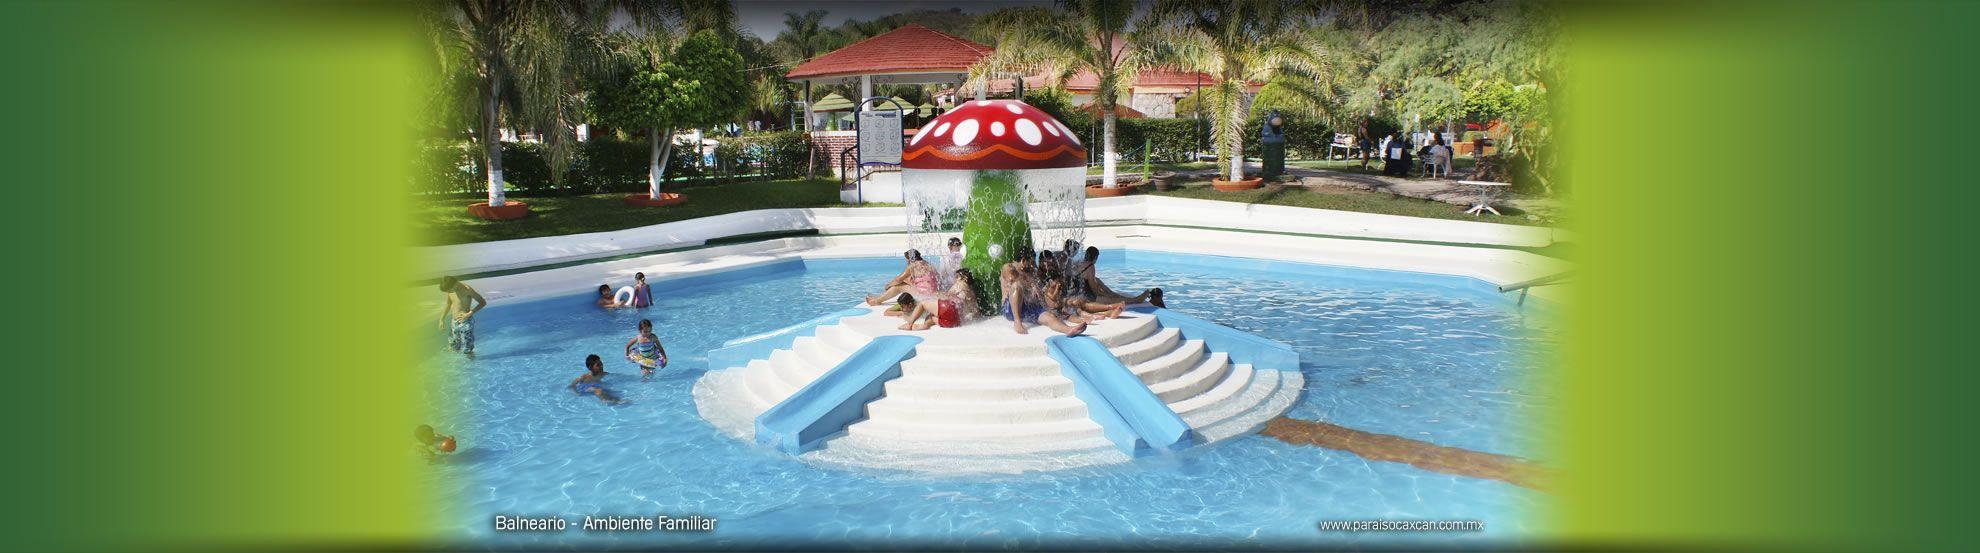 Balneario Paraiso Caxcan In My Home Town San Miguel Apozol